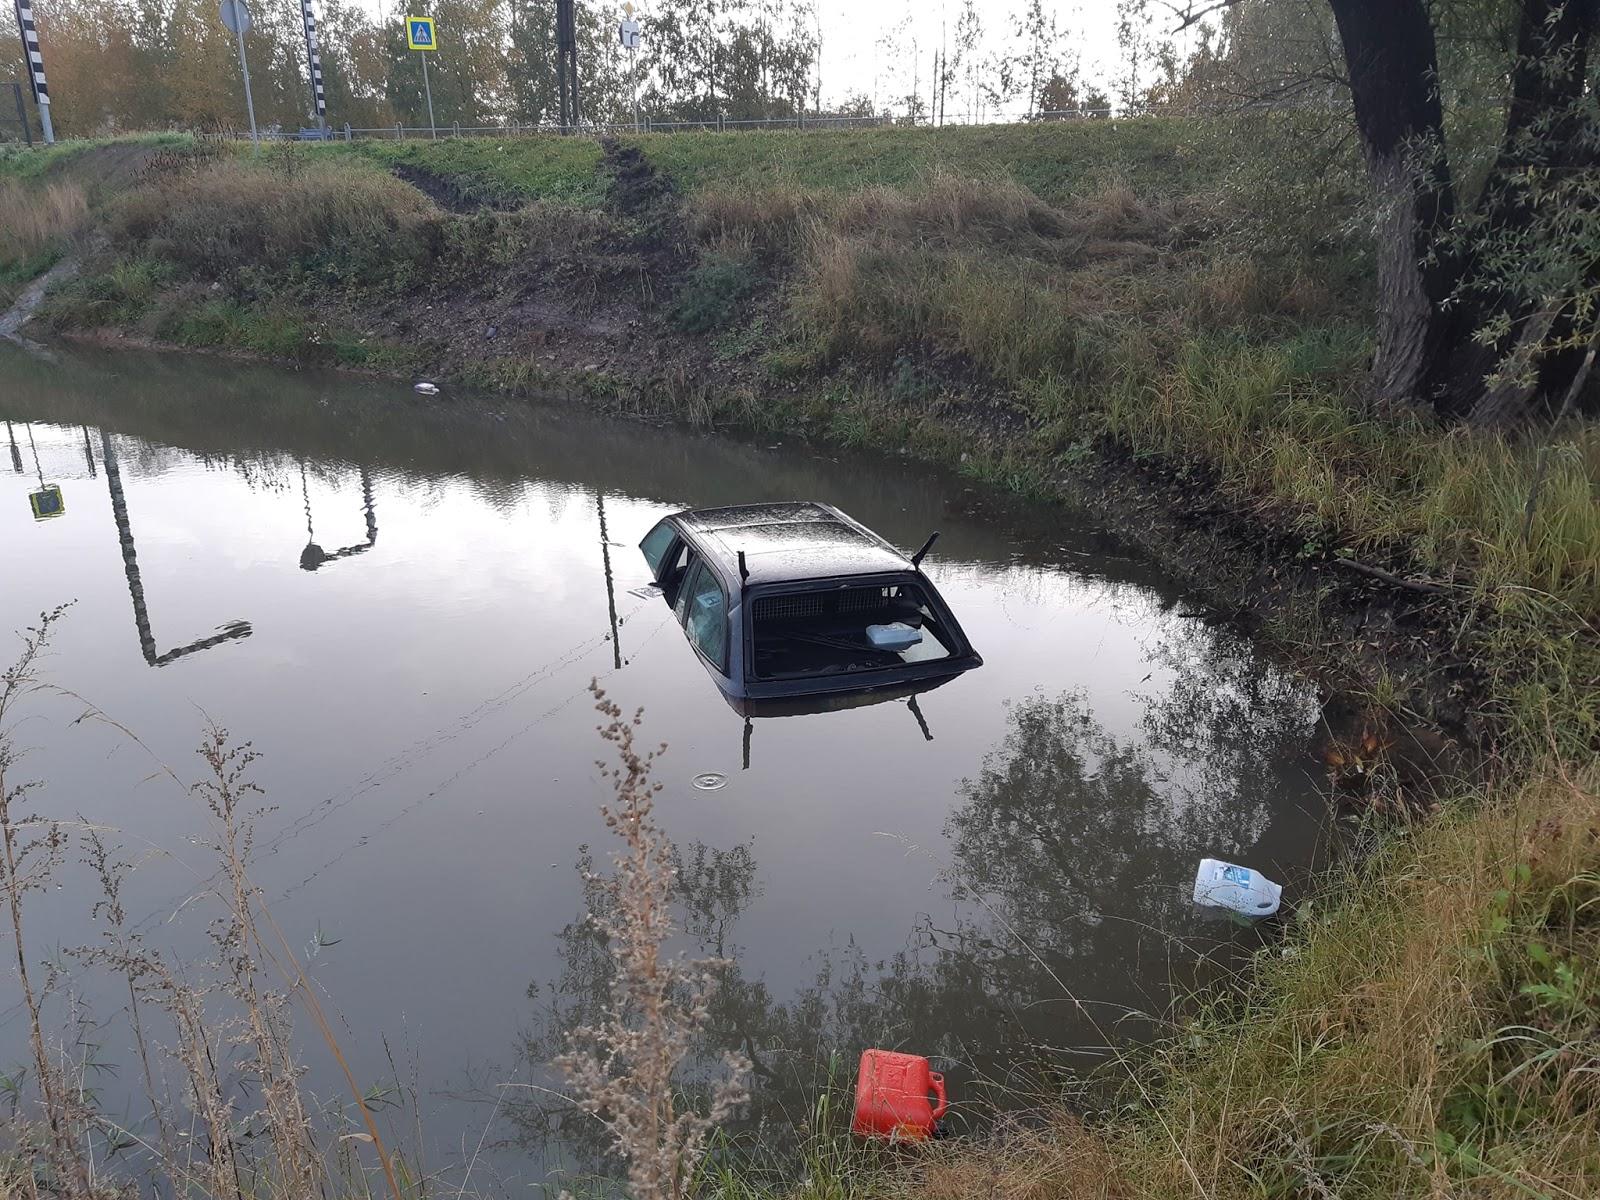 Vieglā automašīna Tukumā pēc avārijas nogrimst ūdens piepildītā grāvī 2